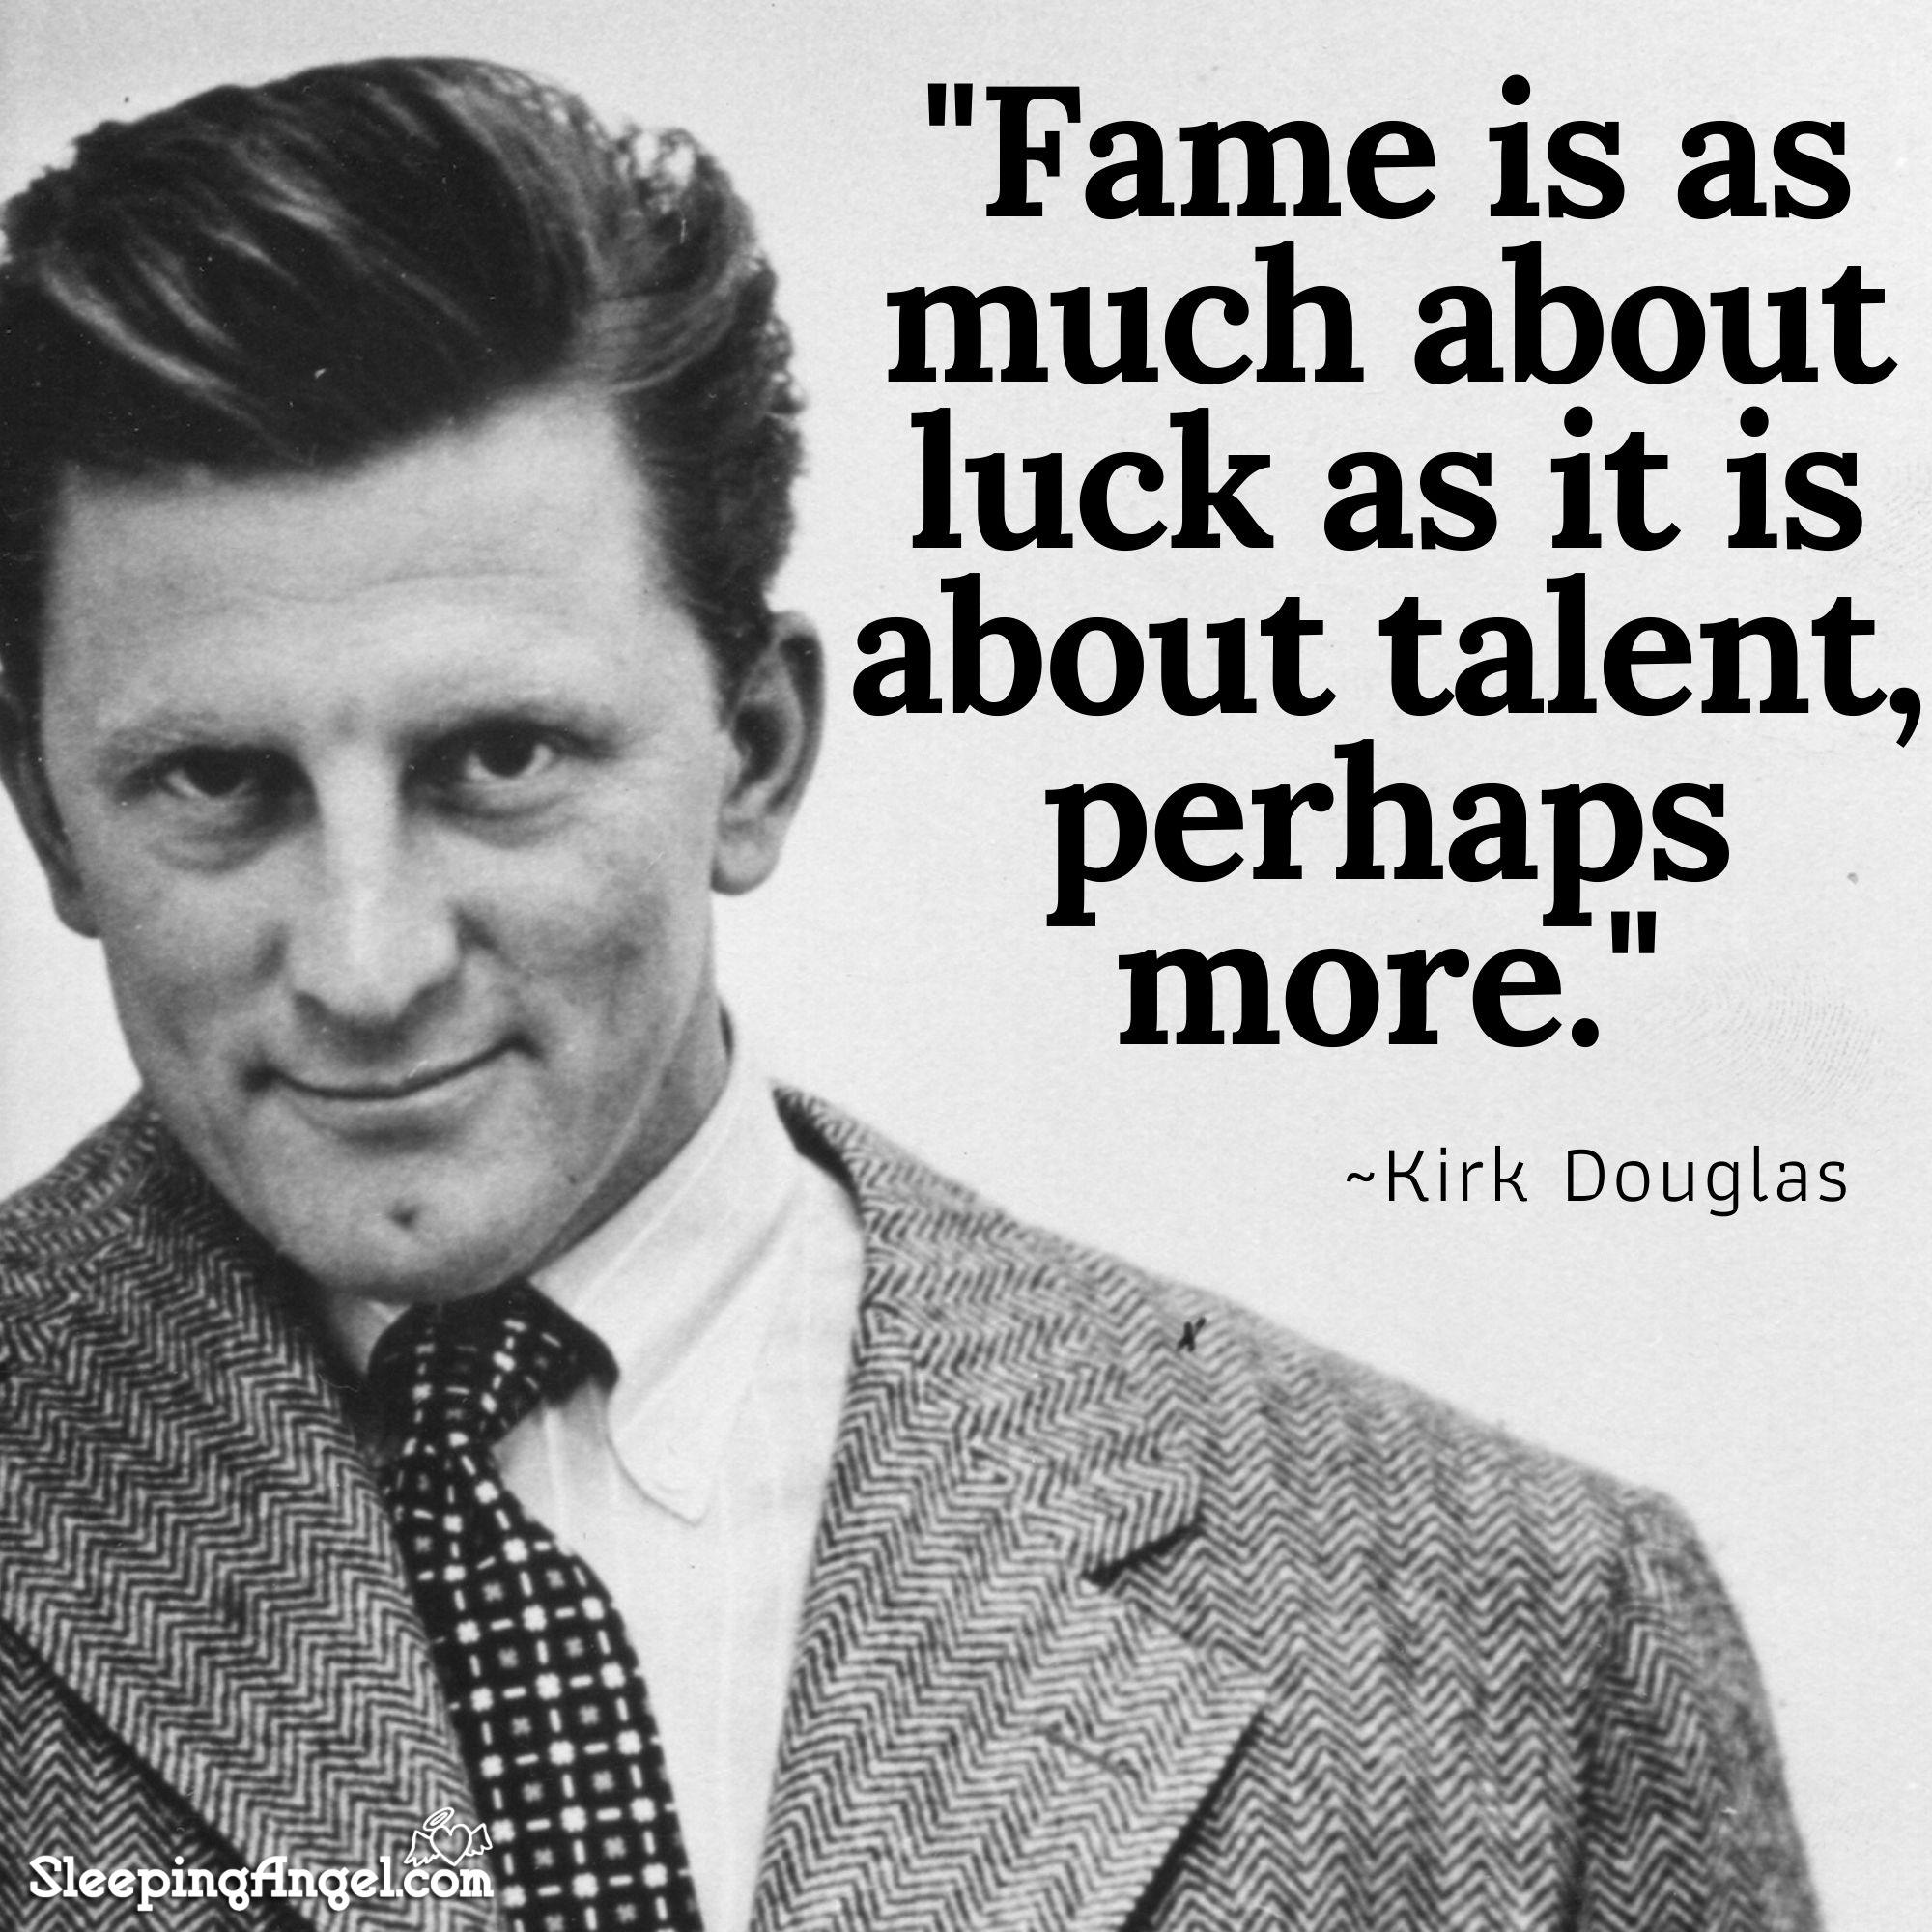 Kirk Douglas Quote